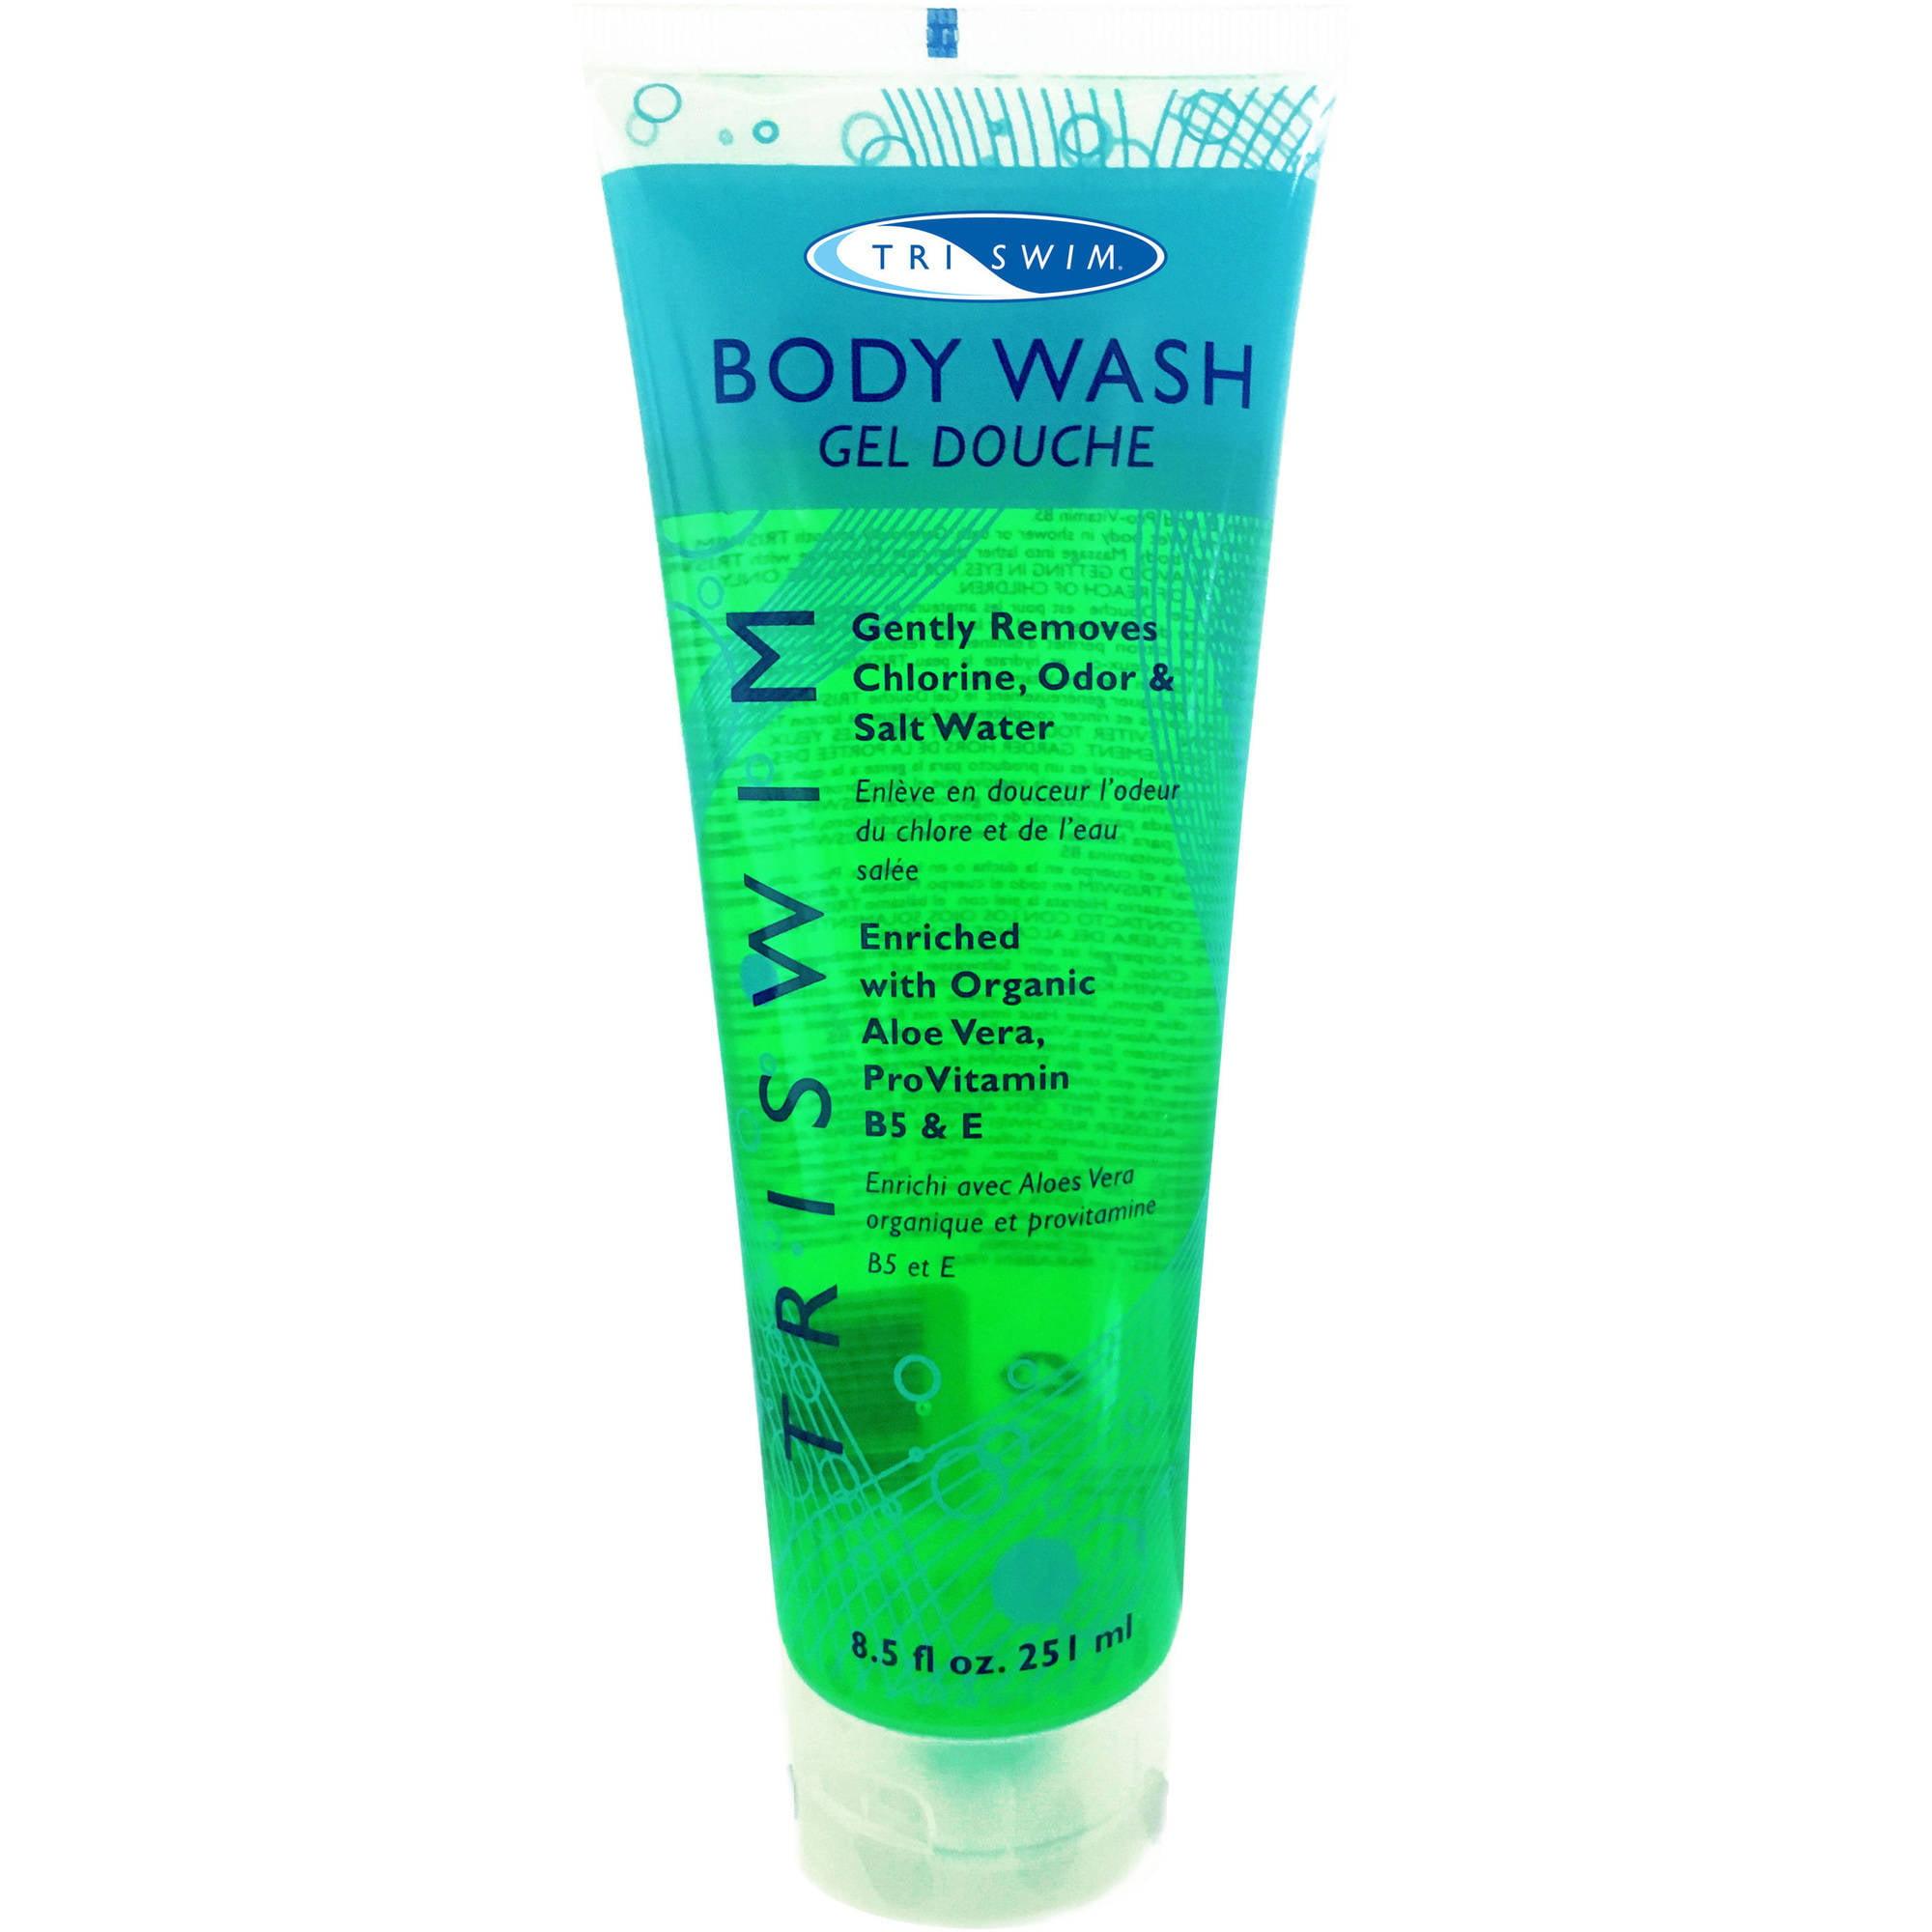 TRISWIM Body Wash 85 fl oz Walmartcom